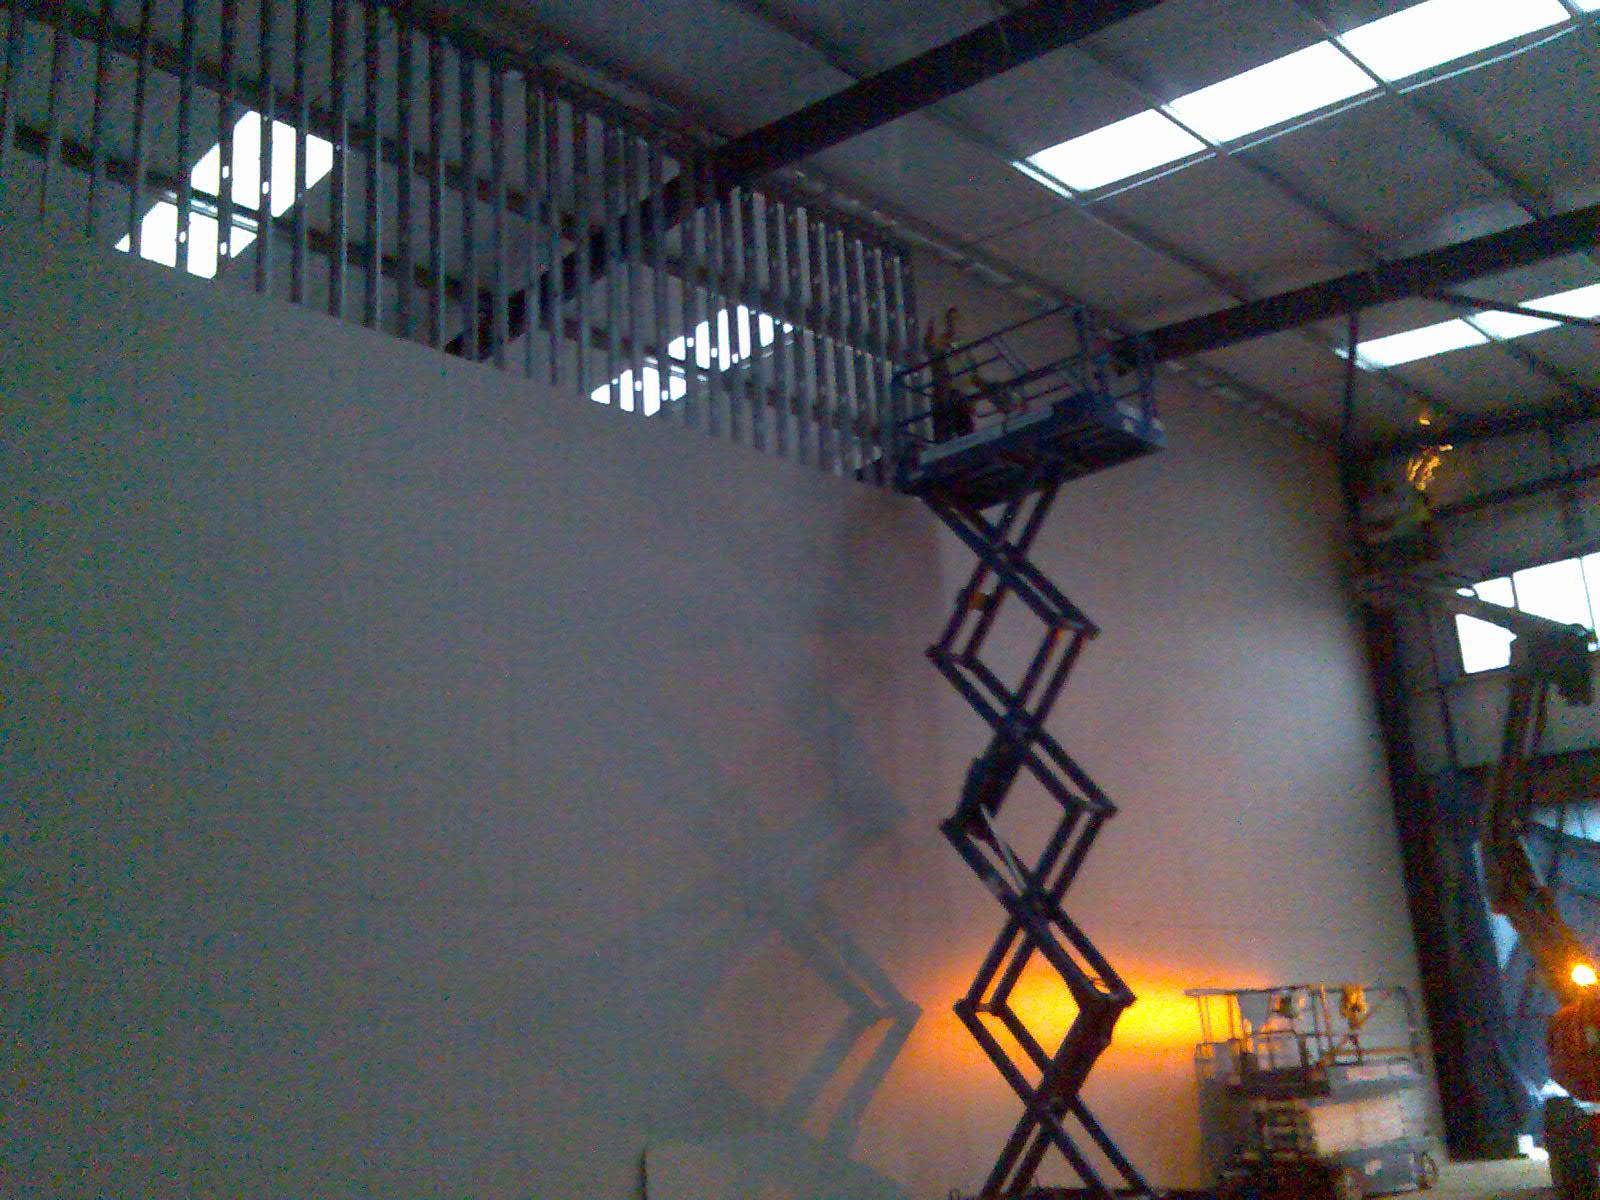 Jumbo 'I' stud wall at 10.2m high